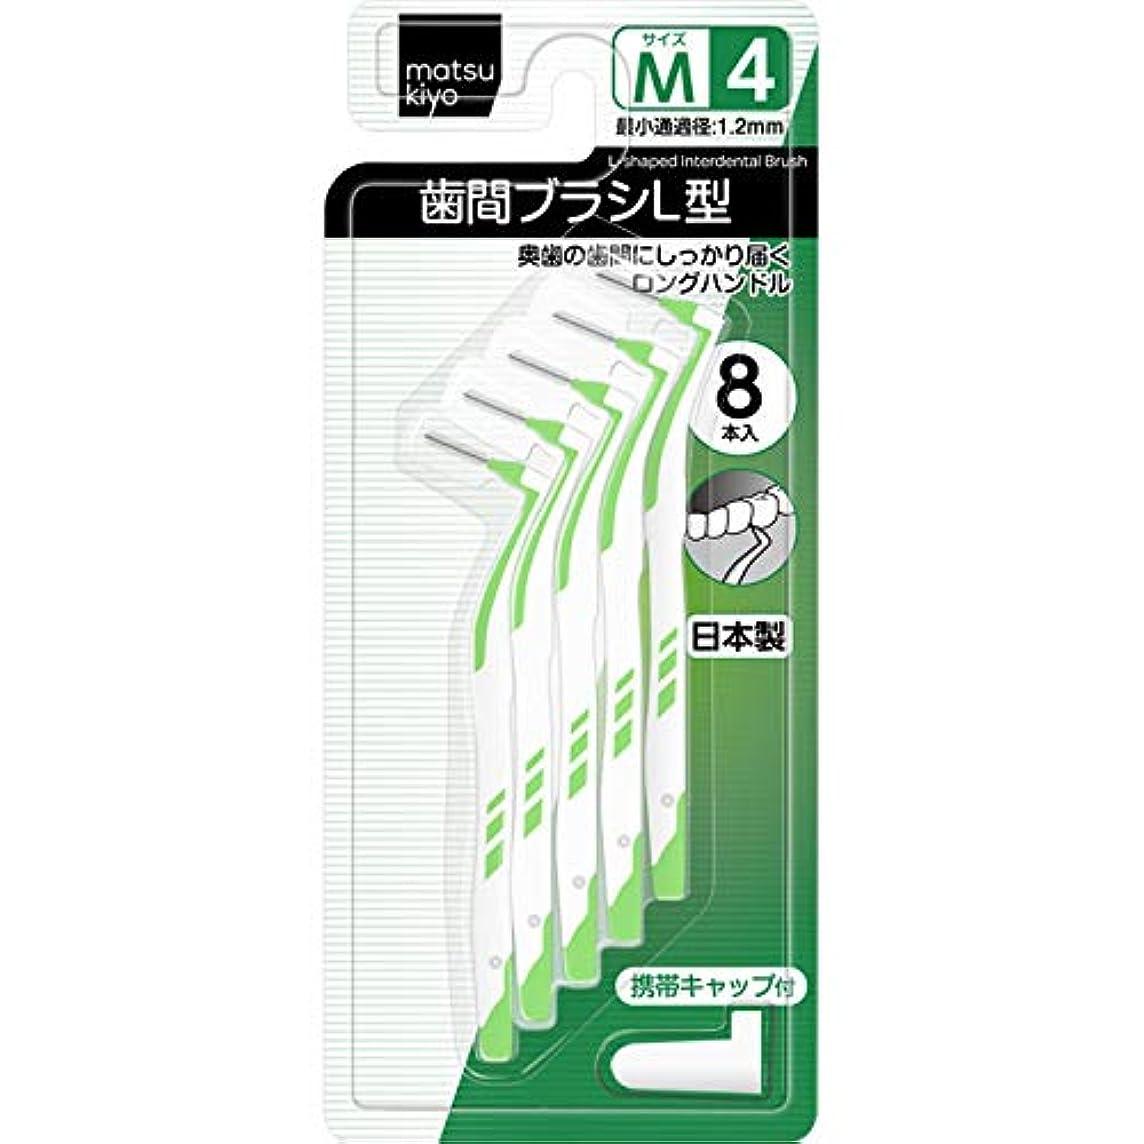 ライム借りているコマンドmatsukiyo 歯間ブラシL型 サイズ4(M) 8本